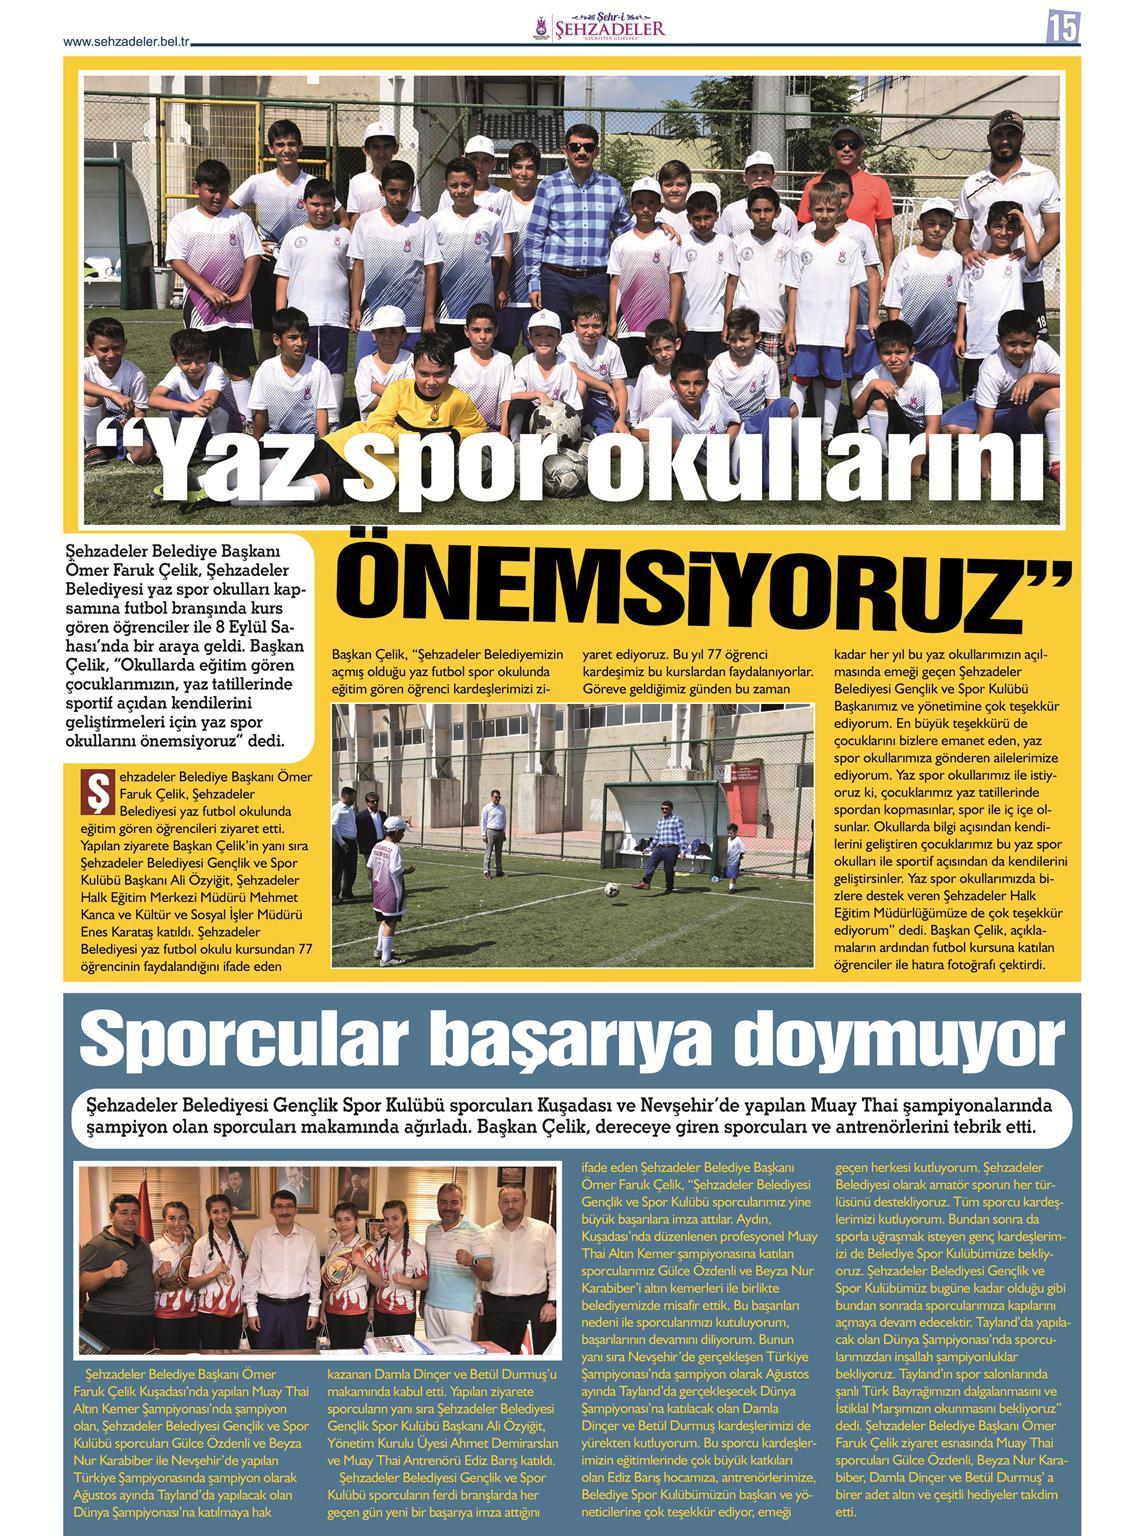 Sayfa 15